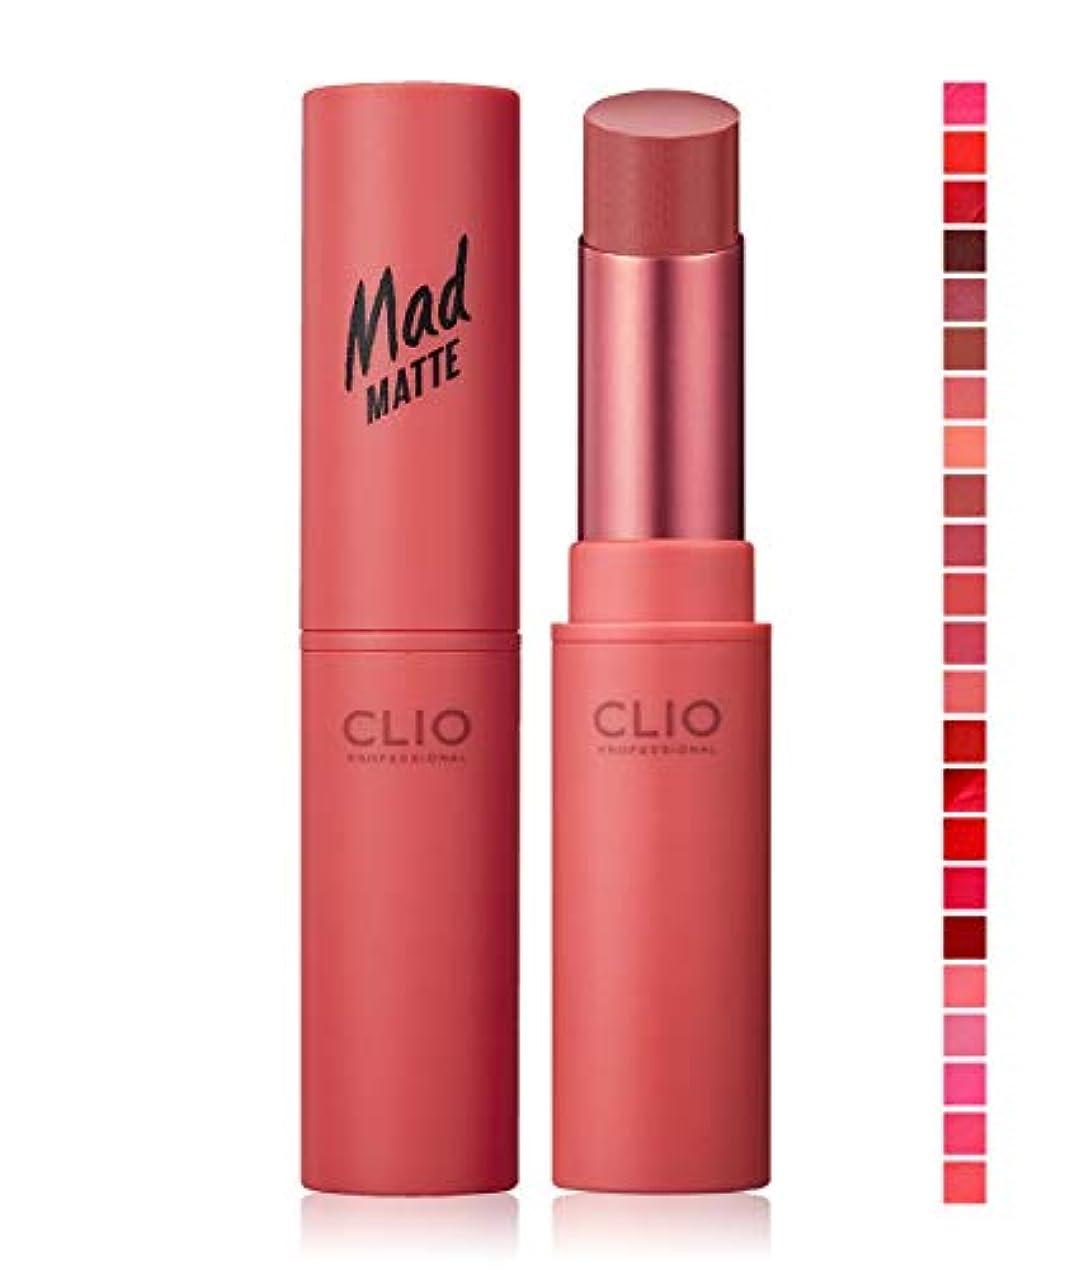 病なごめんなさい祖先『CLIO?クリオ』マッド マット リップ #09 MELLOW ROSE【韓国コスメ】【並行輸入品】